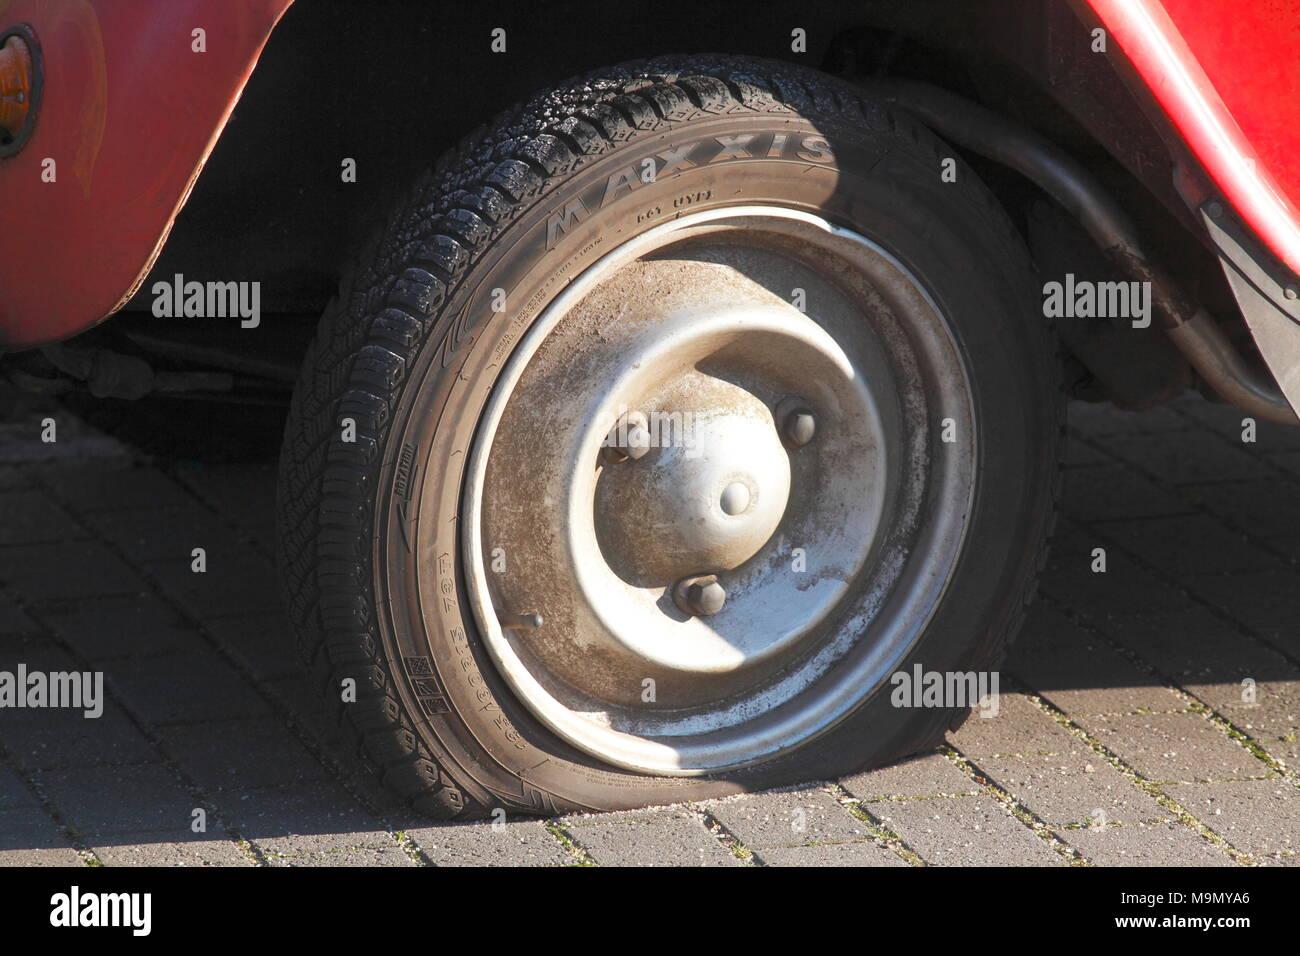 Llanta en coches de época, Citroen 2CV Ente, Alemania Foto de stock